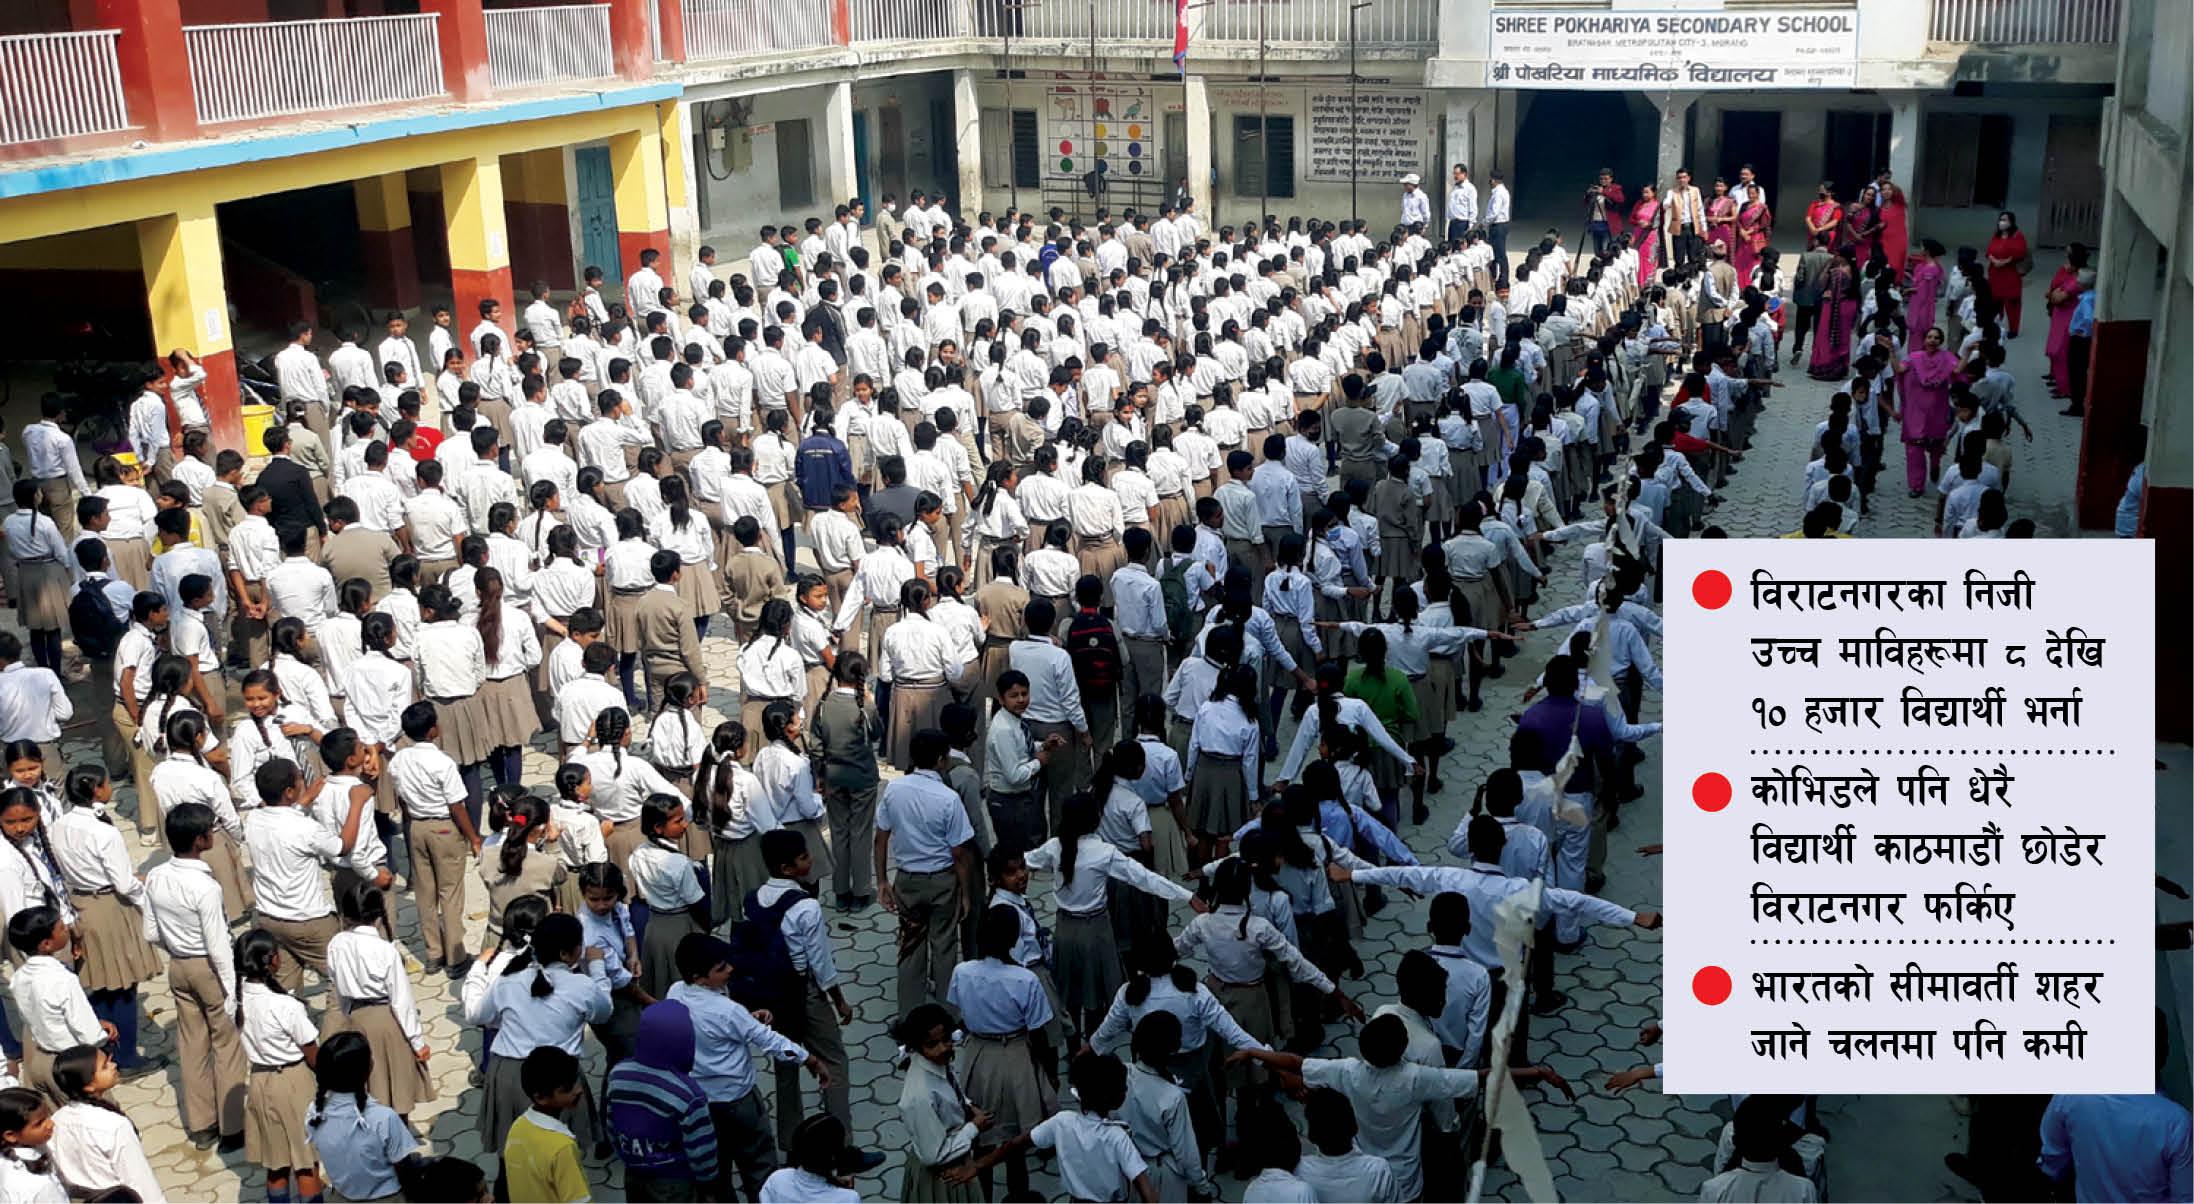 काठमाडौं जान छोडे विद्यार्थी